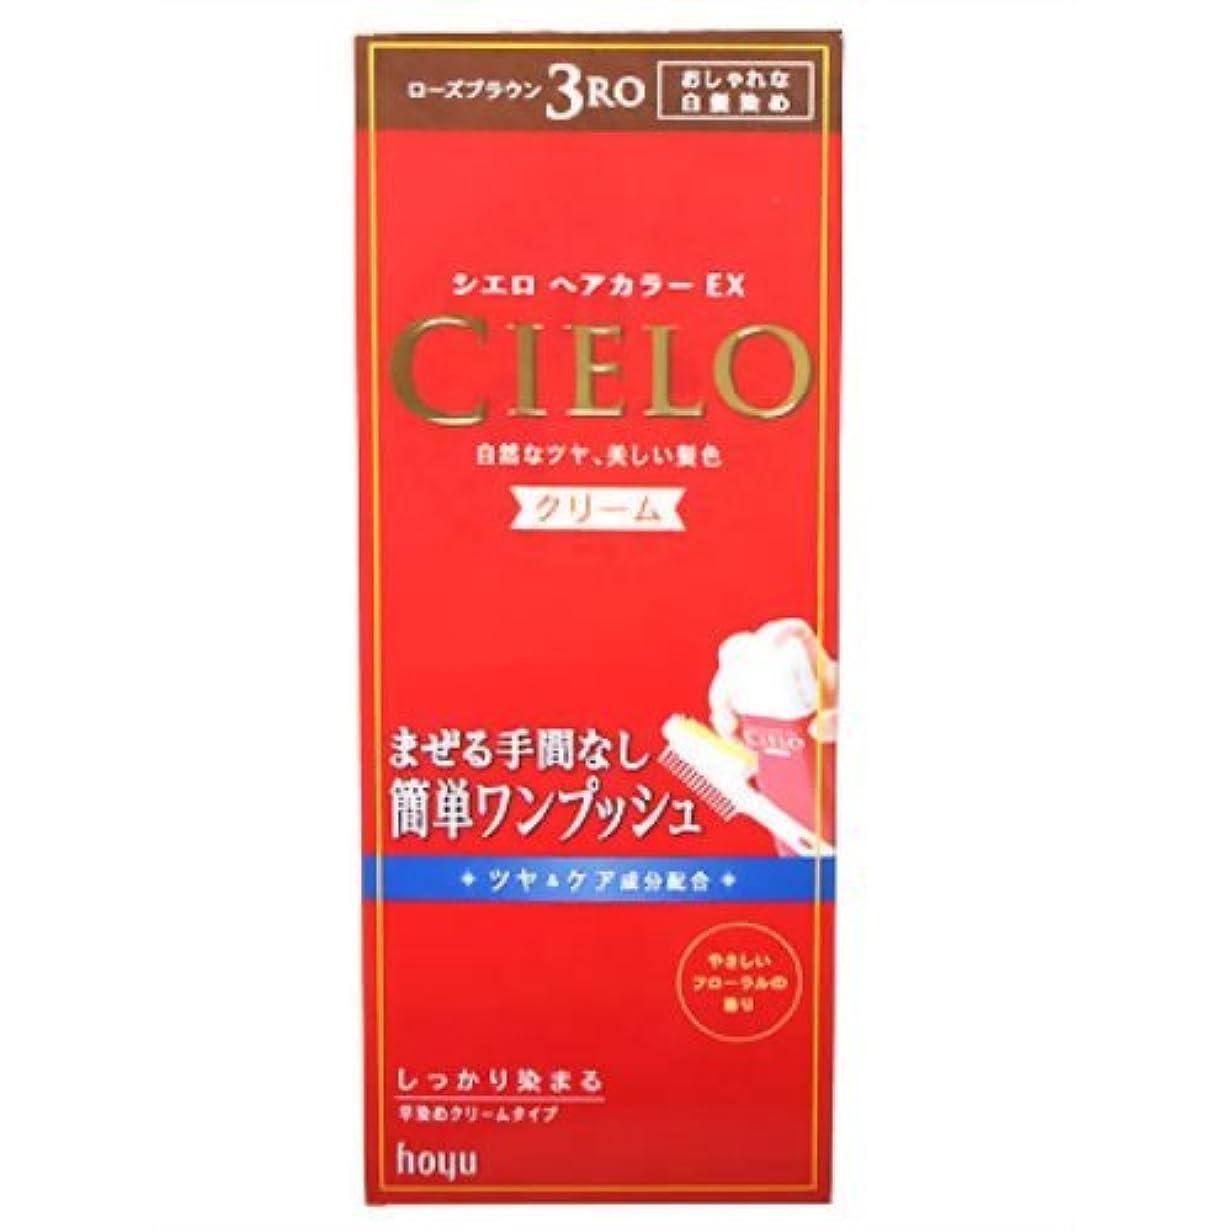 卵ふざけたお金シエロ ヘアカラ-EX クリ-ム 3RO ロ-ズブラウン